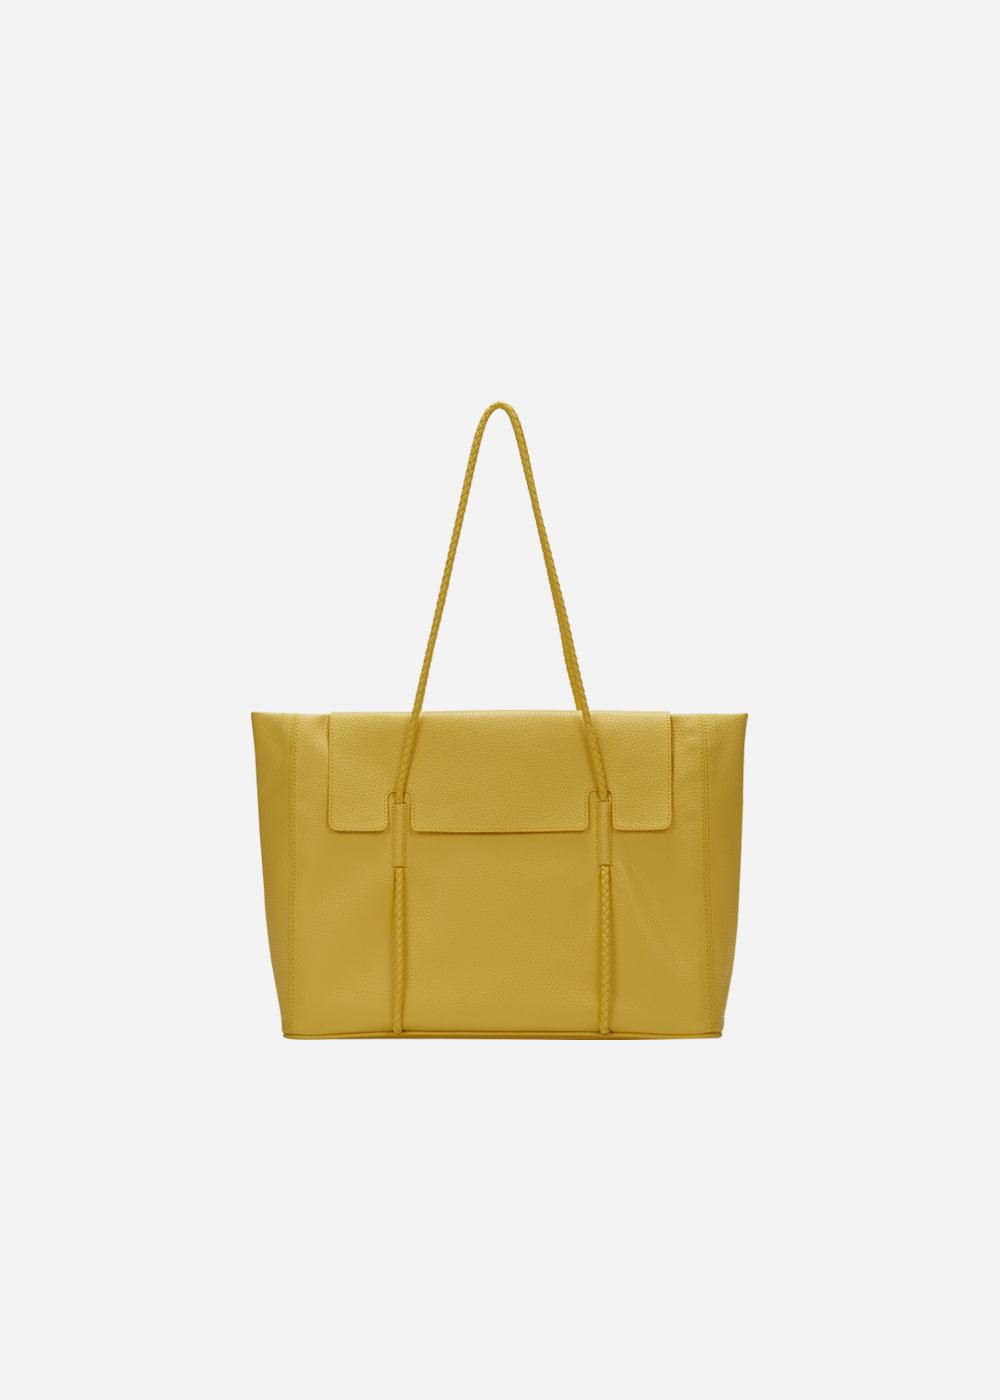 Norah Bag Yellow Medium